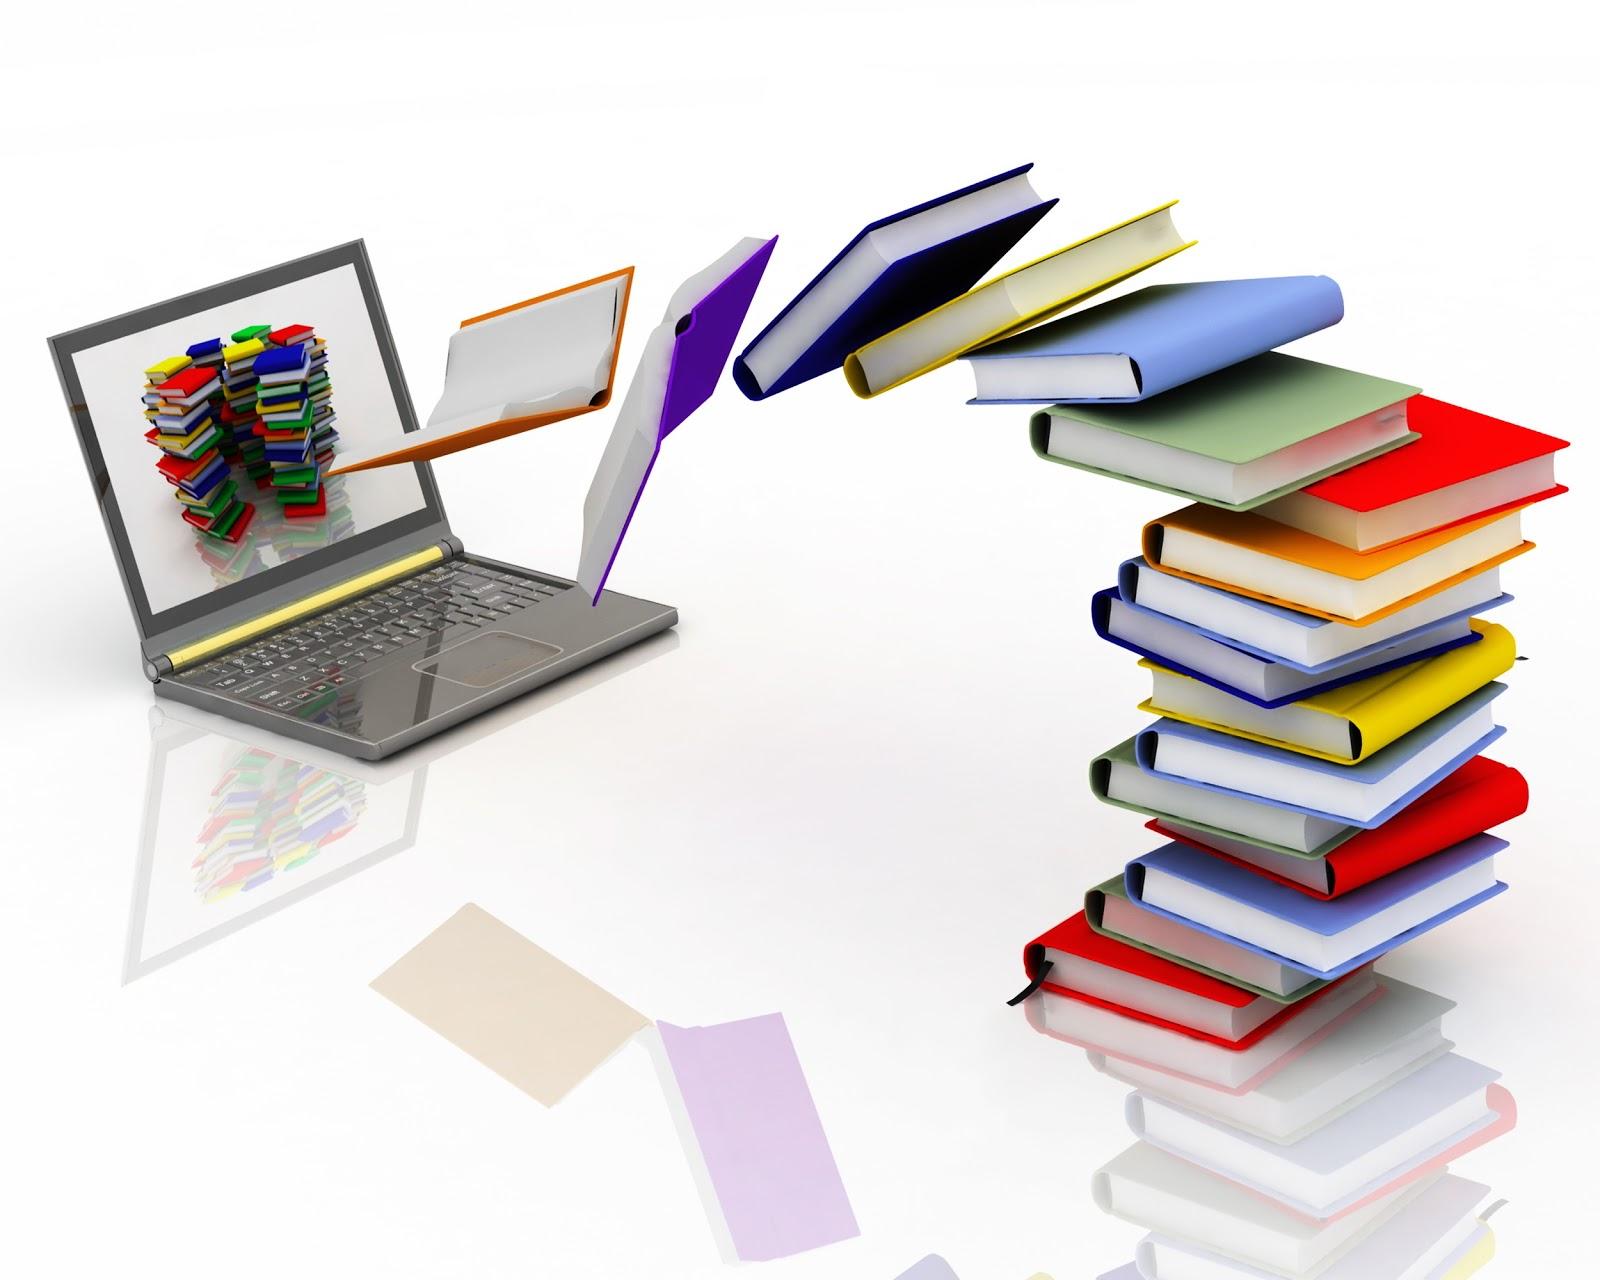 Resultado de imagem para imagem livros e computador